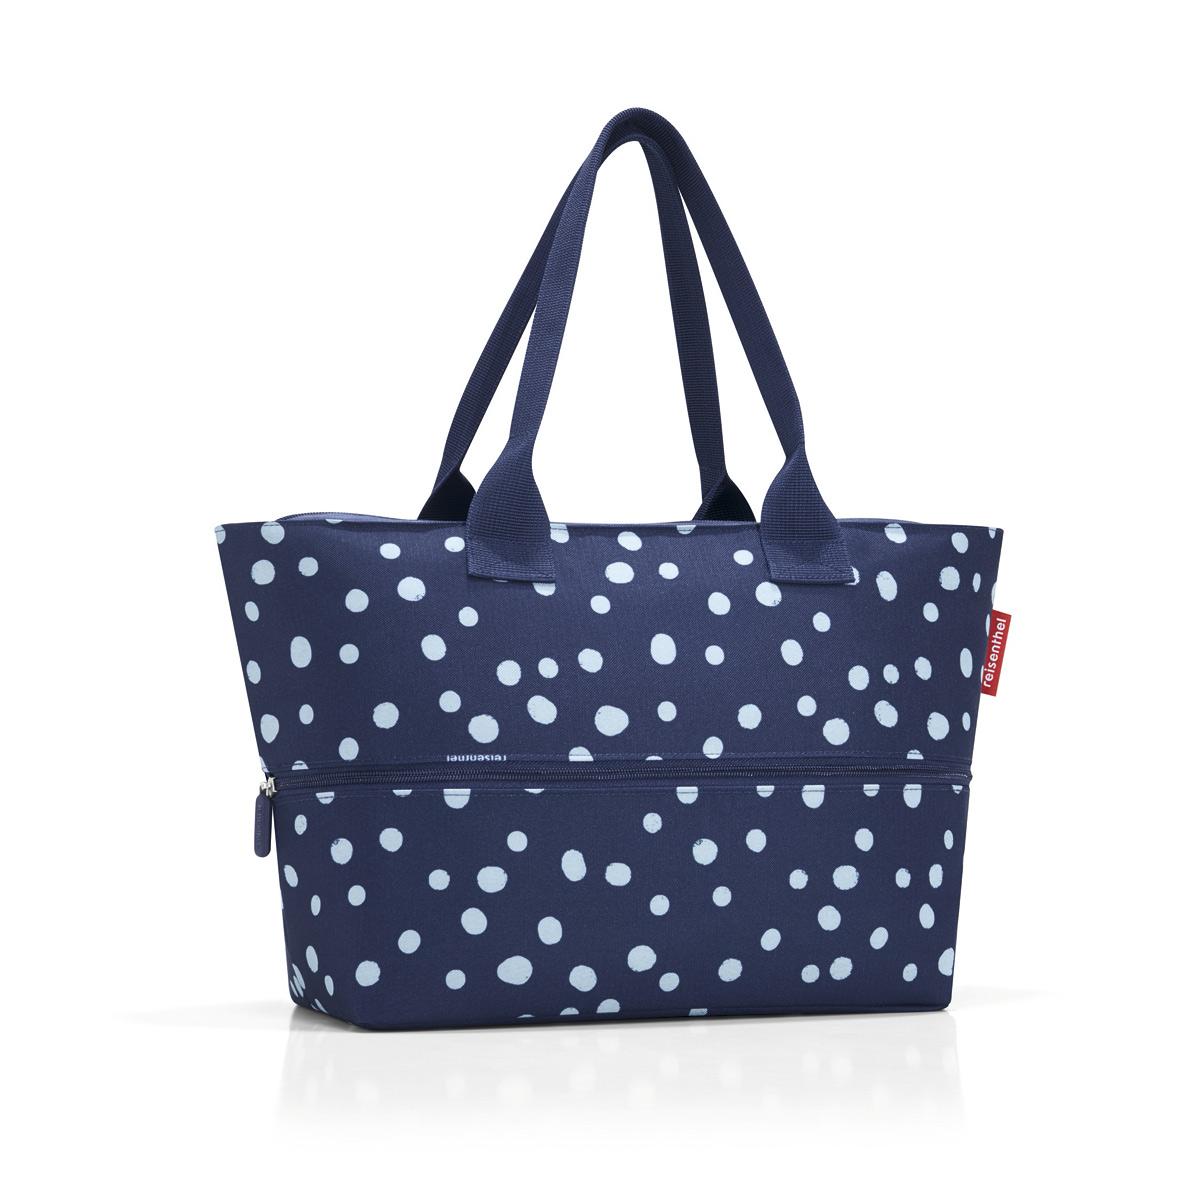 Сумка-шоппер женская Reisenthel Shopper E1 spots navy, цвет: темно-синий, белый. RJ4044S76245Удобная сумка для шоппинга и путешествий, способная изменять свой размер. - в основе конструкции - специальная молния, расстегнув которую вы увеличиваете вместимость сумки с 12 до 18 литров;- внутри предусмотрен карман на молнии для мелочей;- две удобные ручки для ношения на плече.